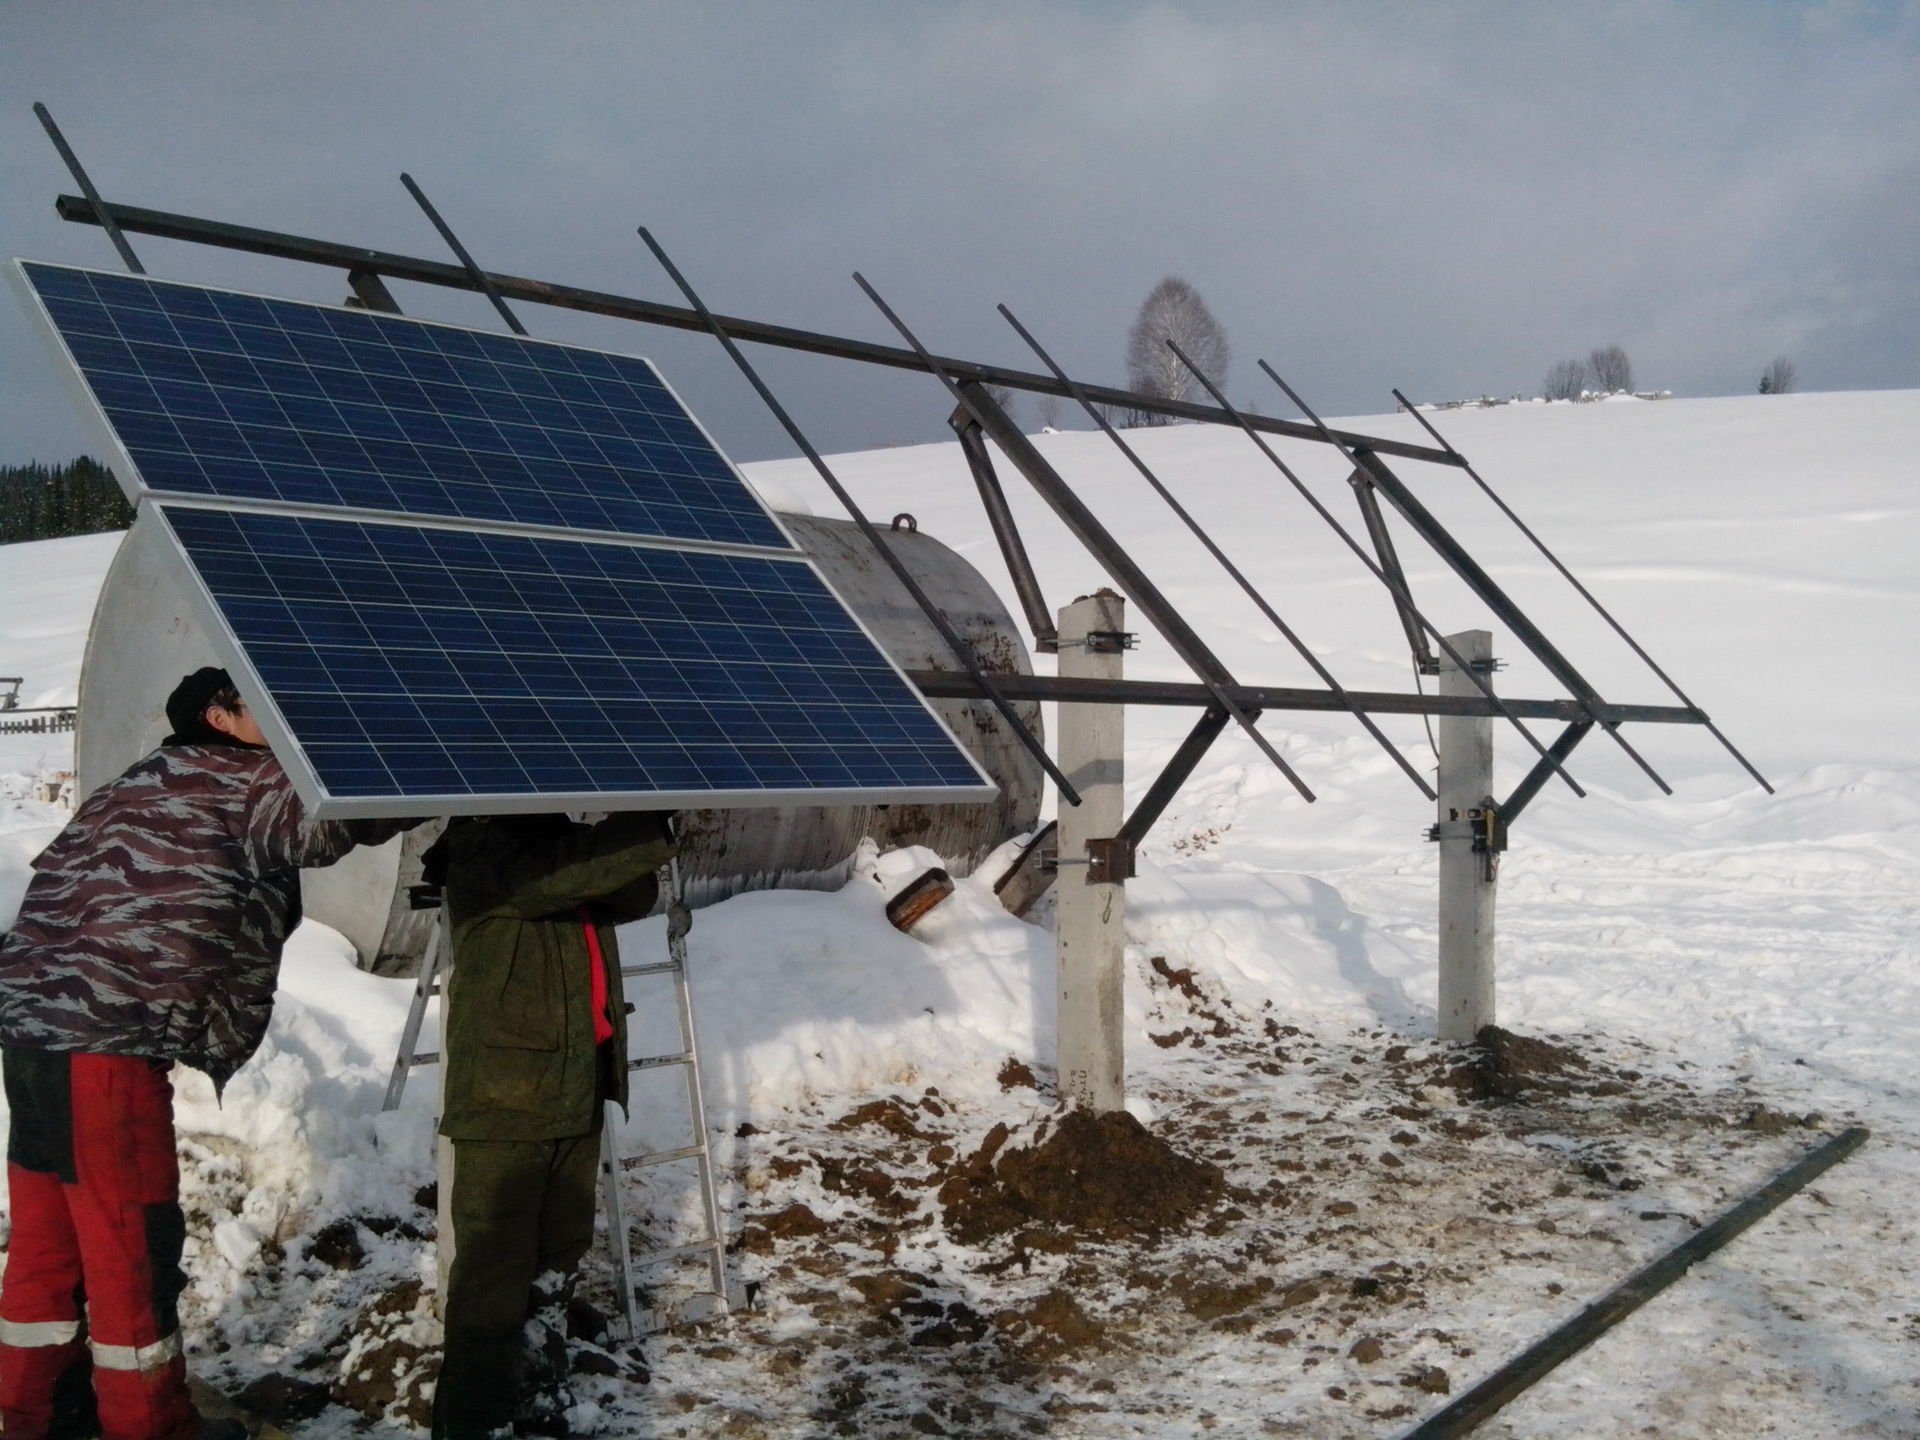 ДТЭК Ахметова запустил крупнейшую солнечную электростанцию в Украине - Цензор.НЕТ 9201